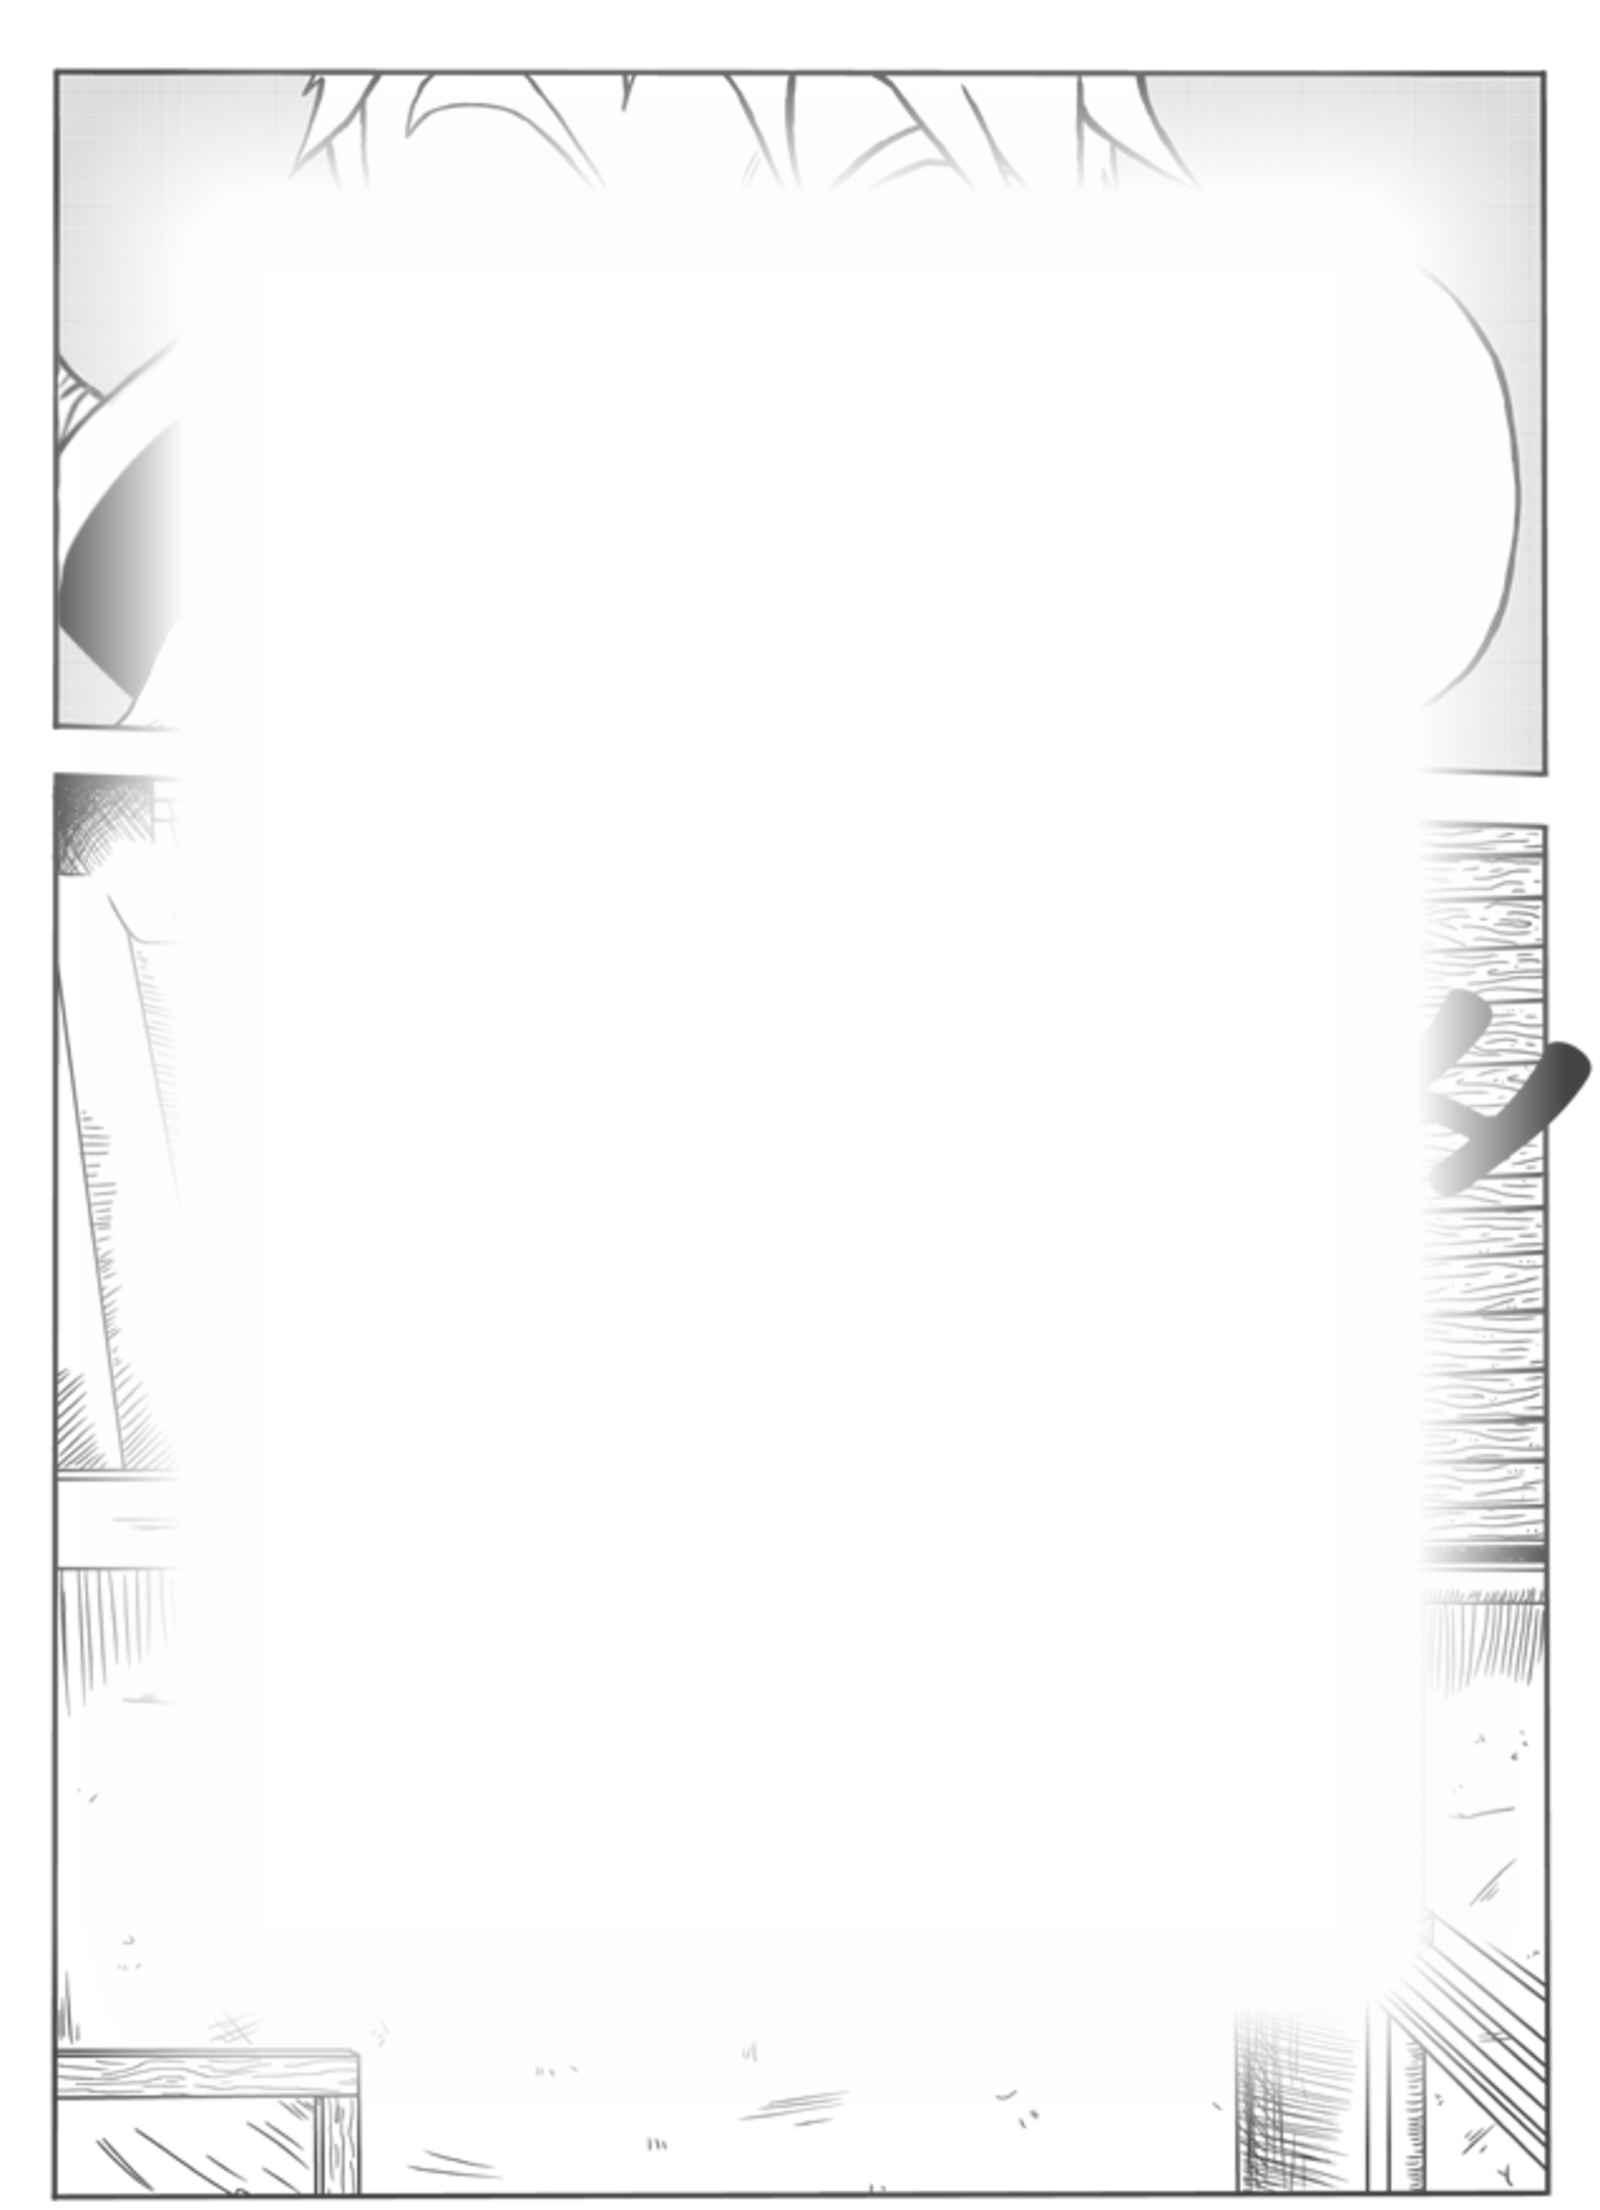 フード・アタック : チャプター 1 ページ 14